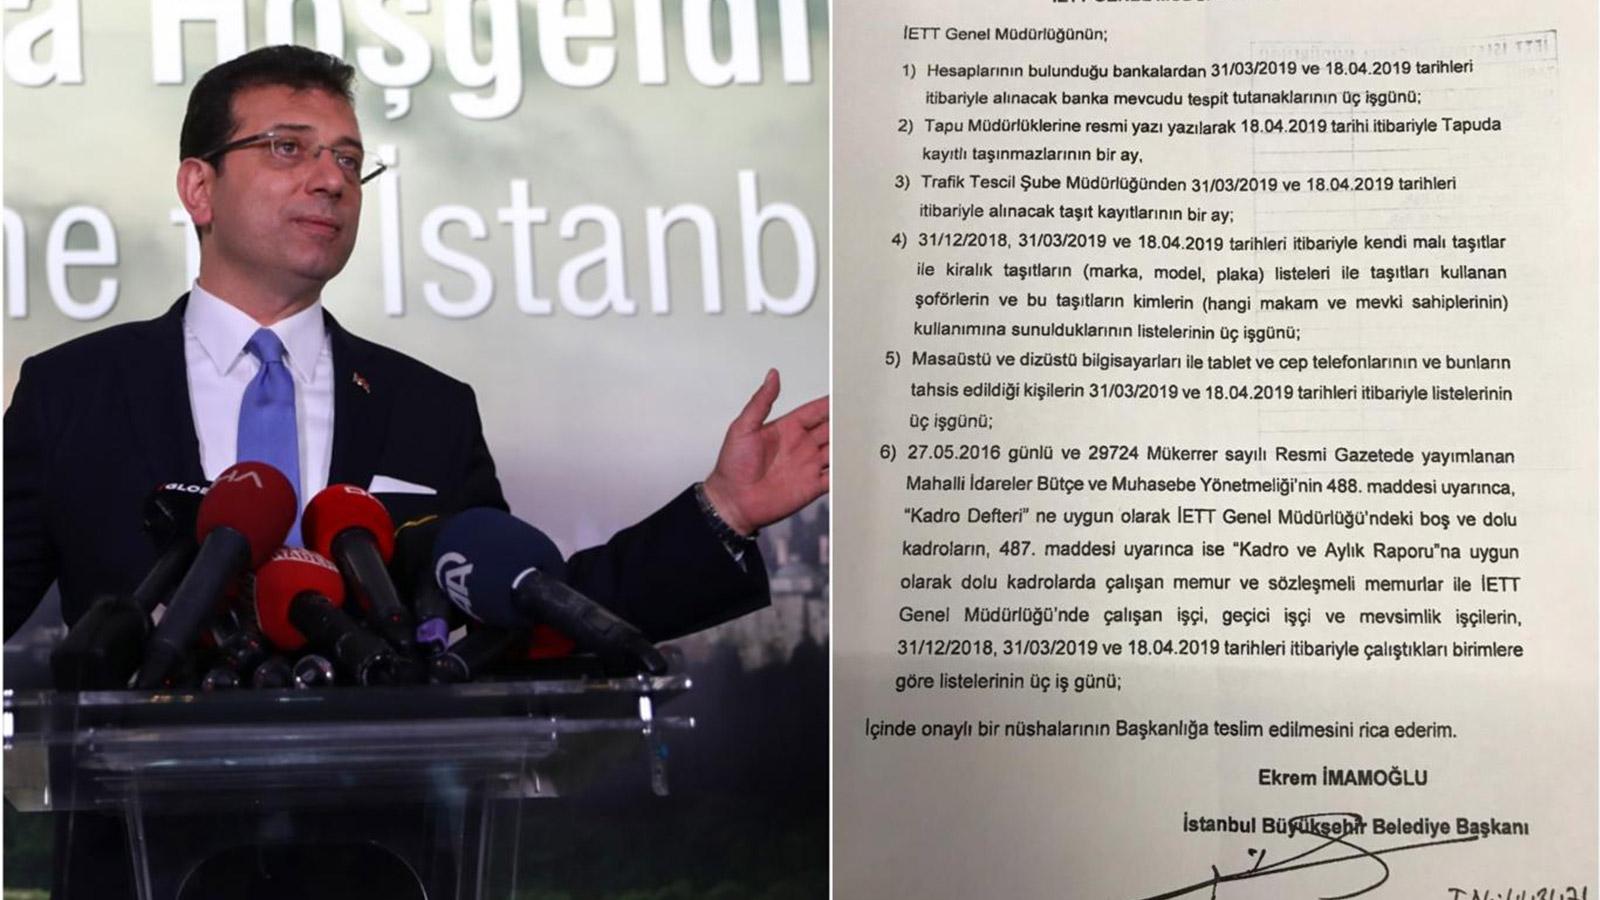 Öte yandanİmamoğlu, seçildiği gün ile göreve geldiği gün arasındaki 17 güne ilişkin banka ve tapu kayıtlarını, araç listelerini istedi.